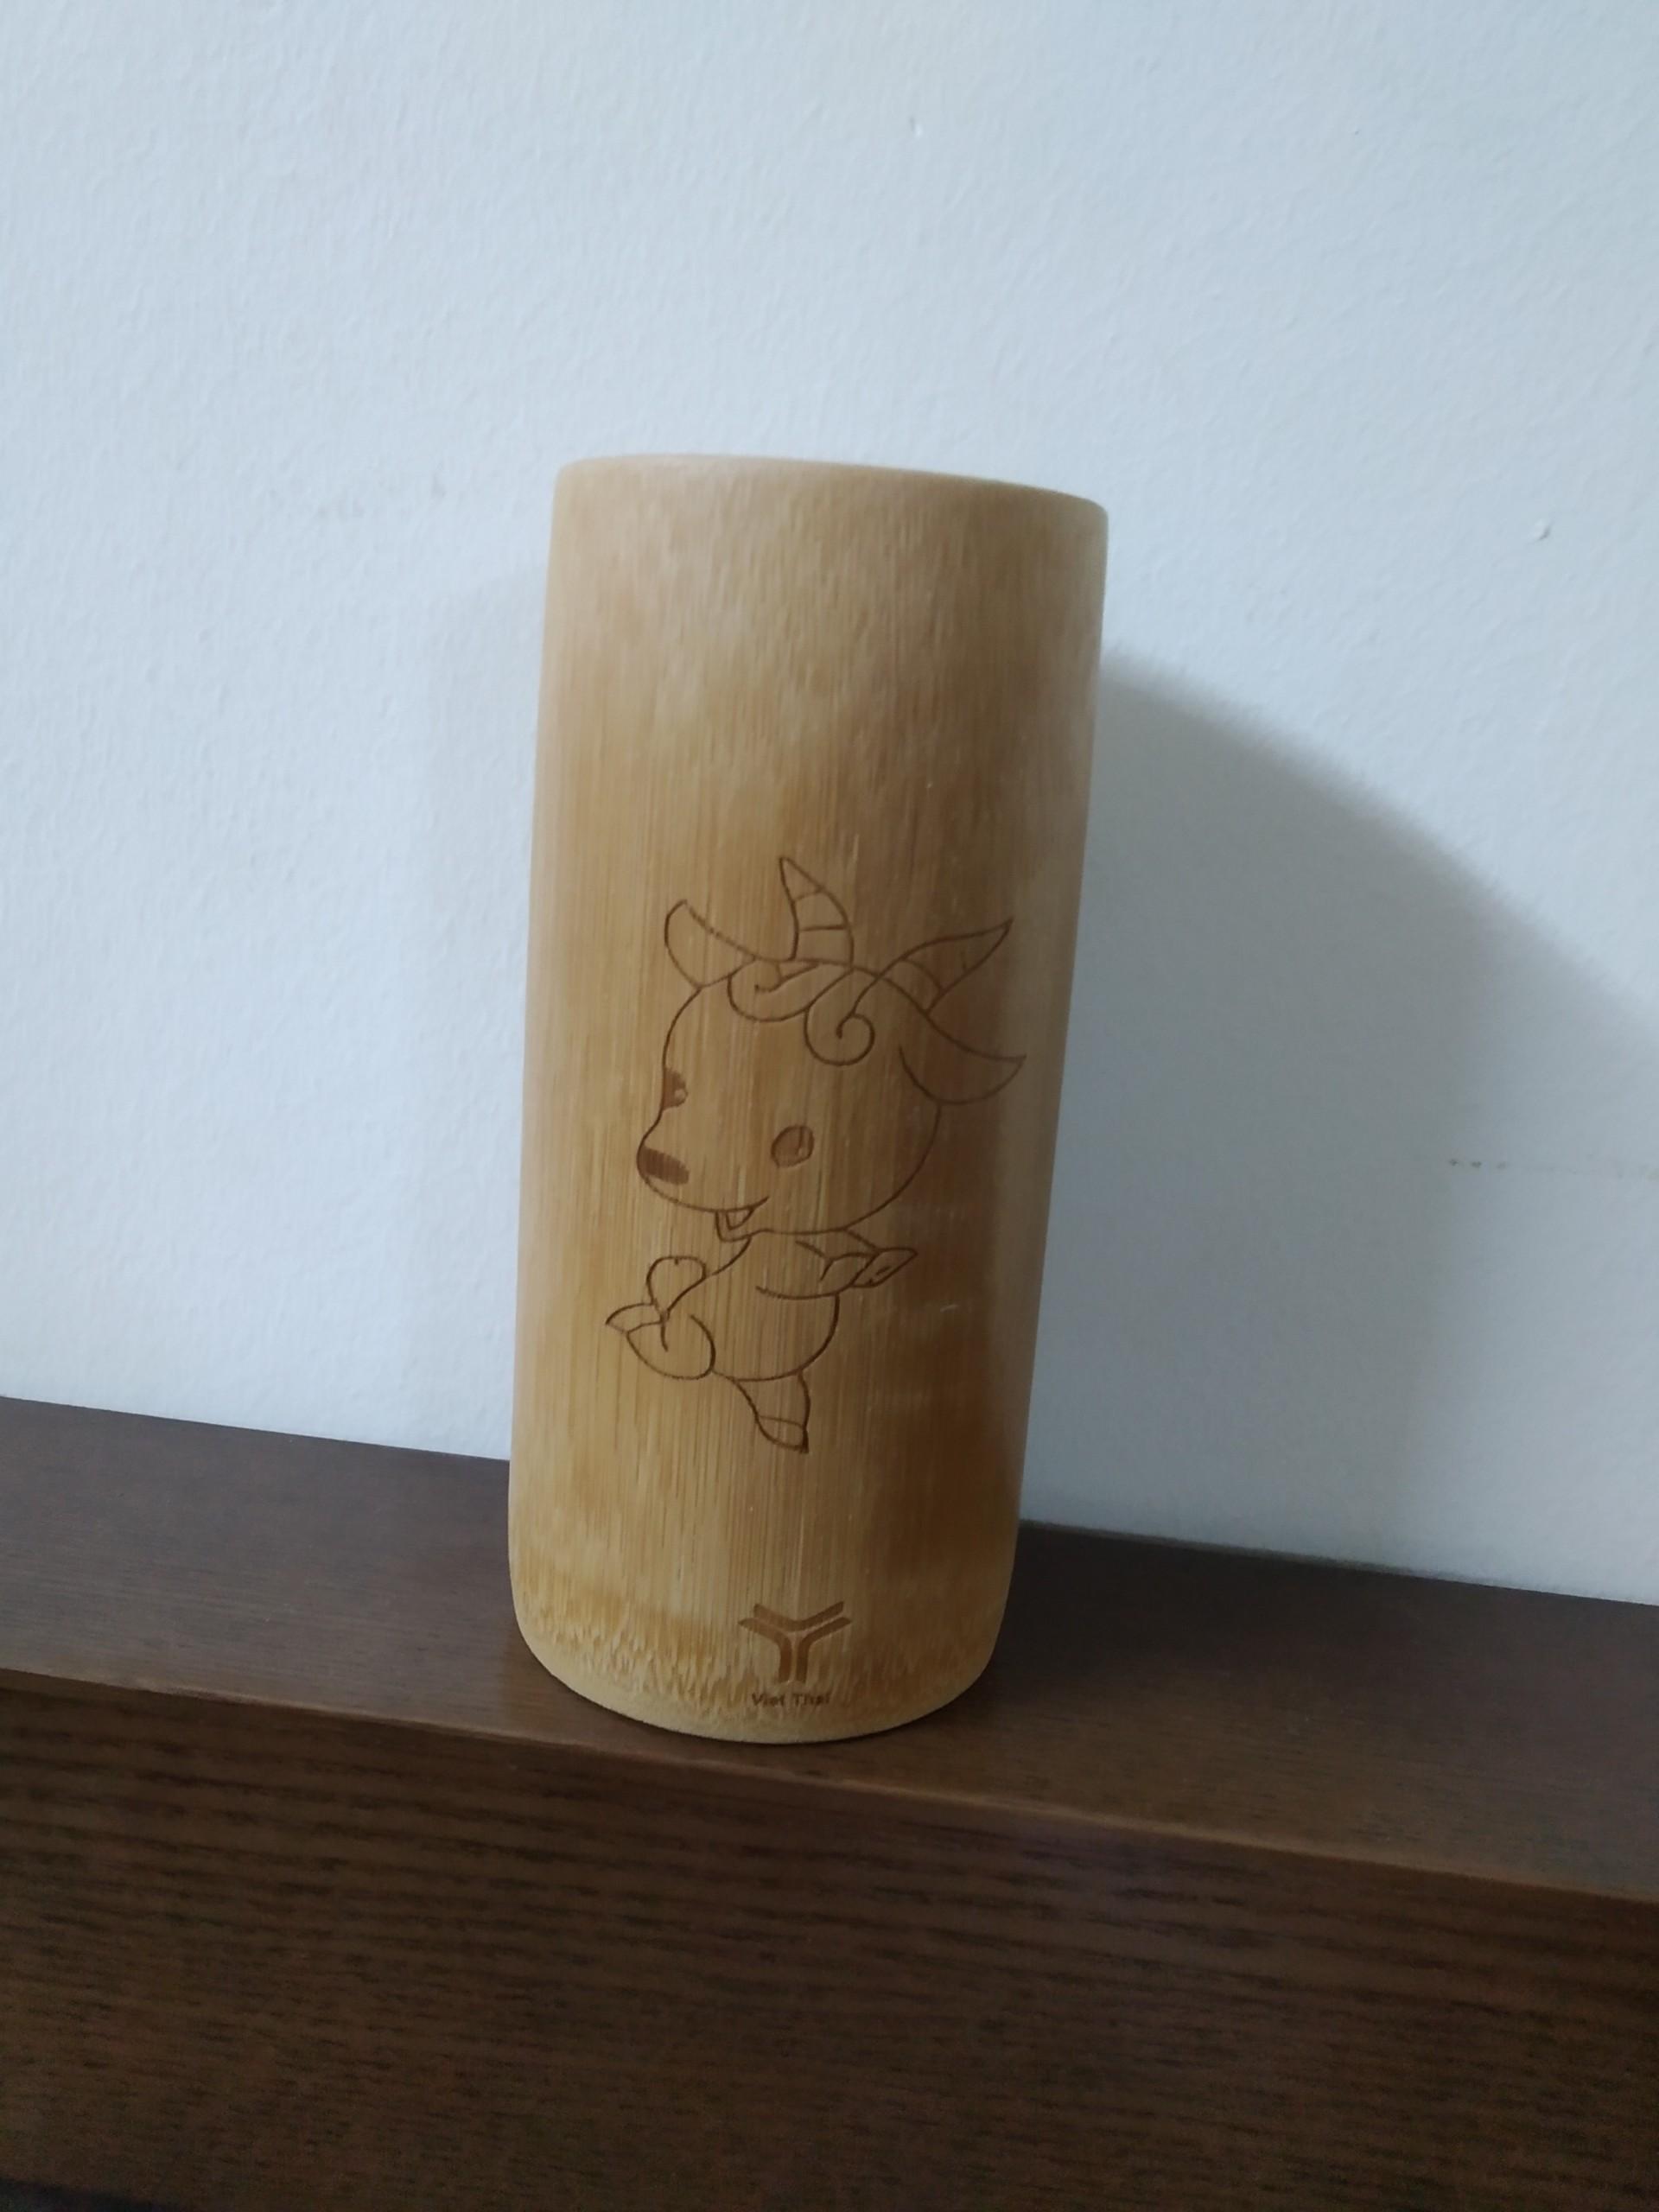 Cốc Tre in khắc tuổi Mùi, con Dê, cốc tre tự nhiên, được làm thủ công, cực an toàn